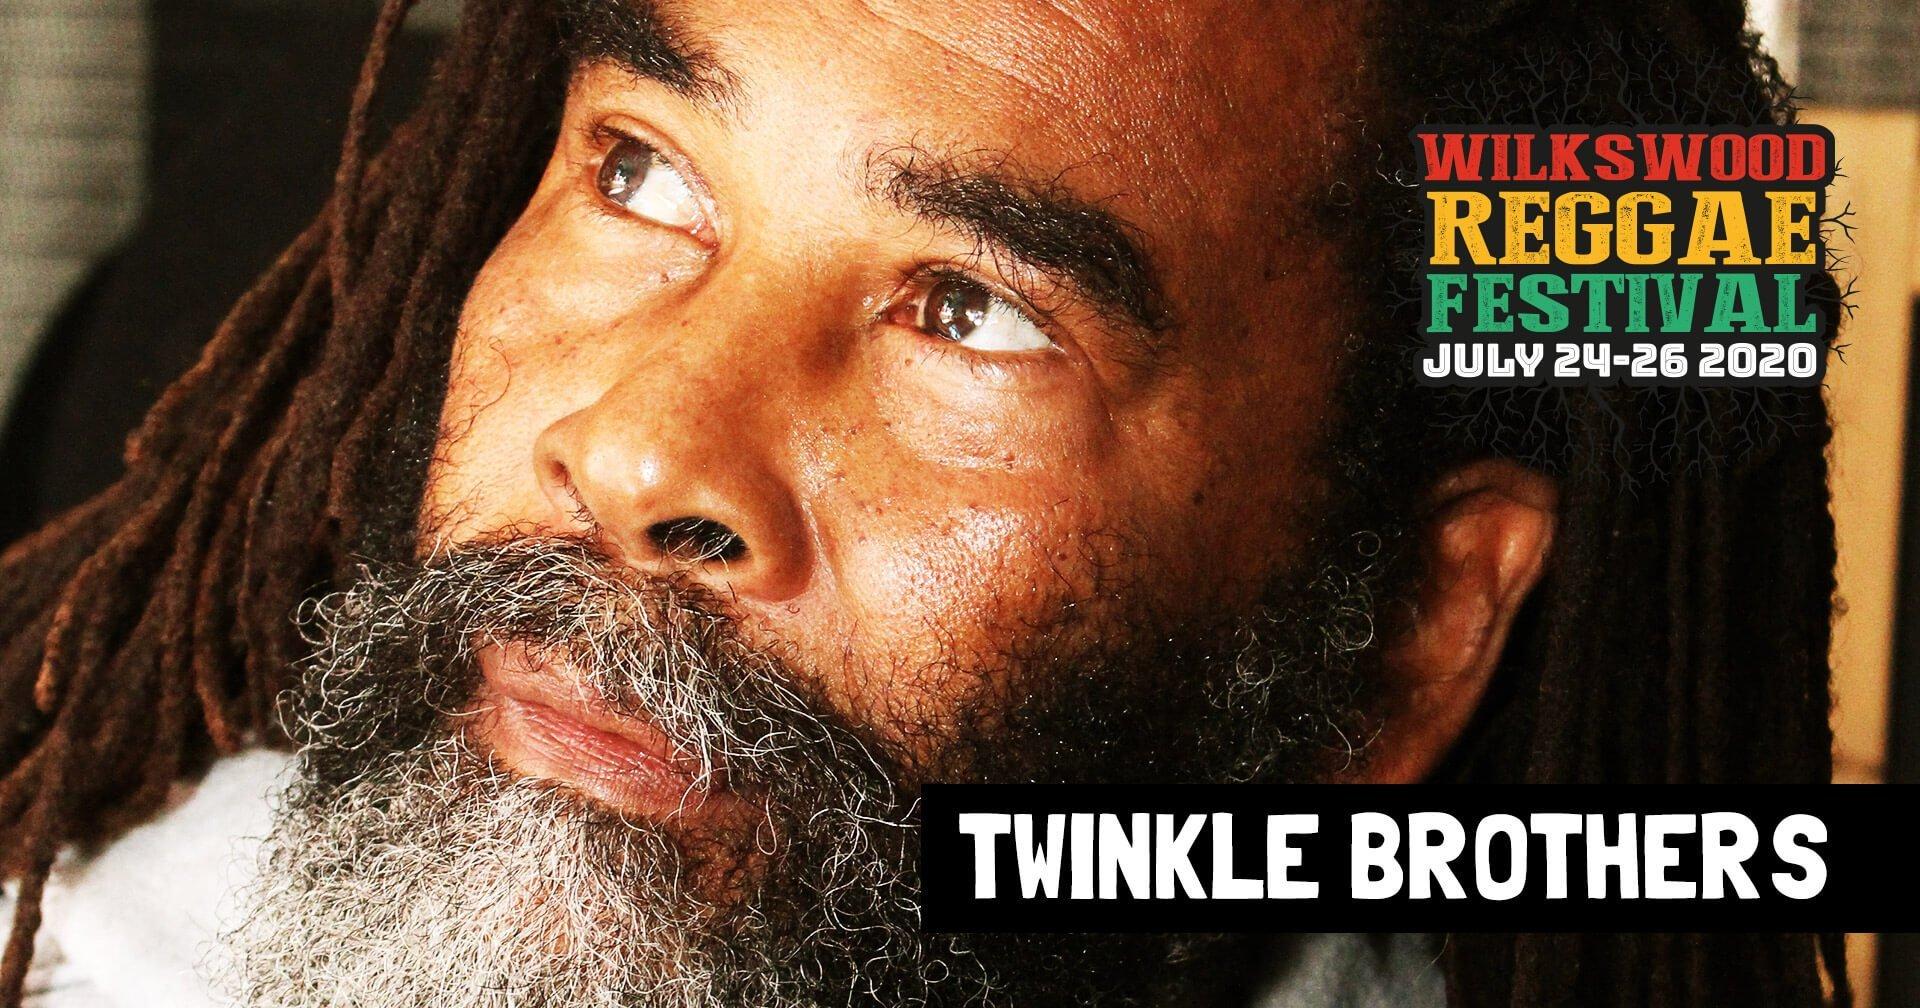 Wilkswood Roots Reggae 2020 | Twinkle Brothers